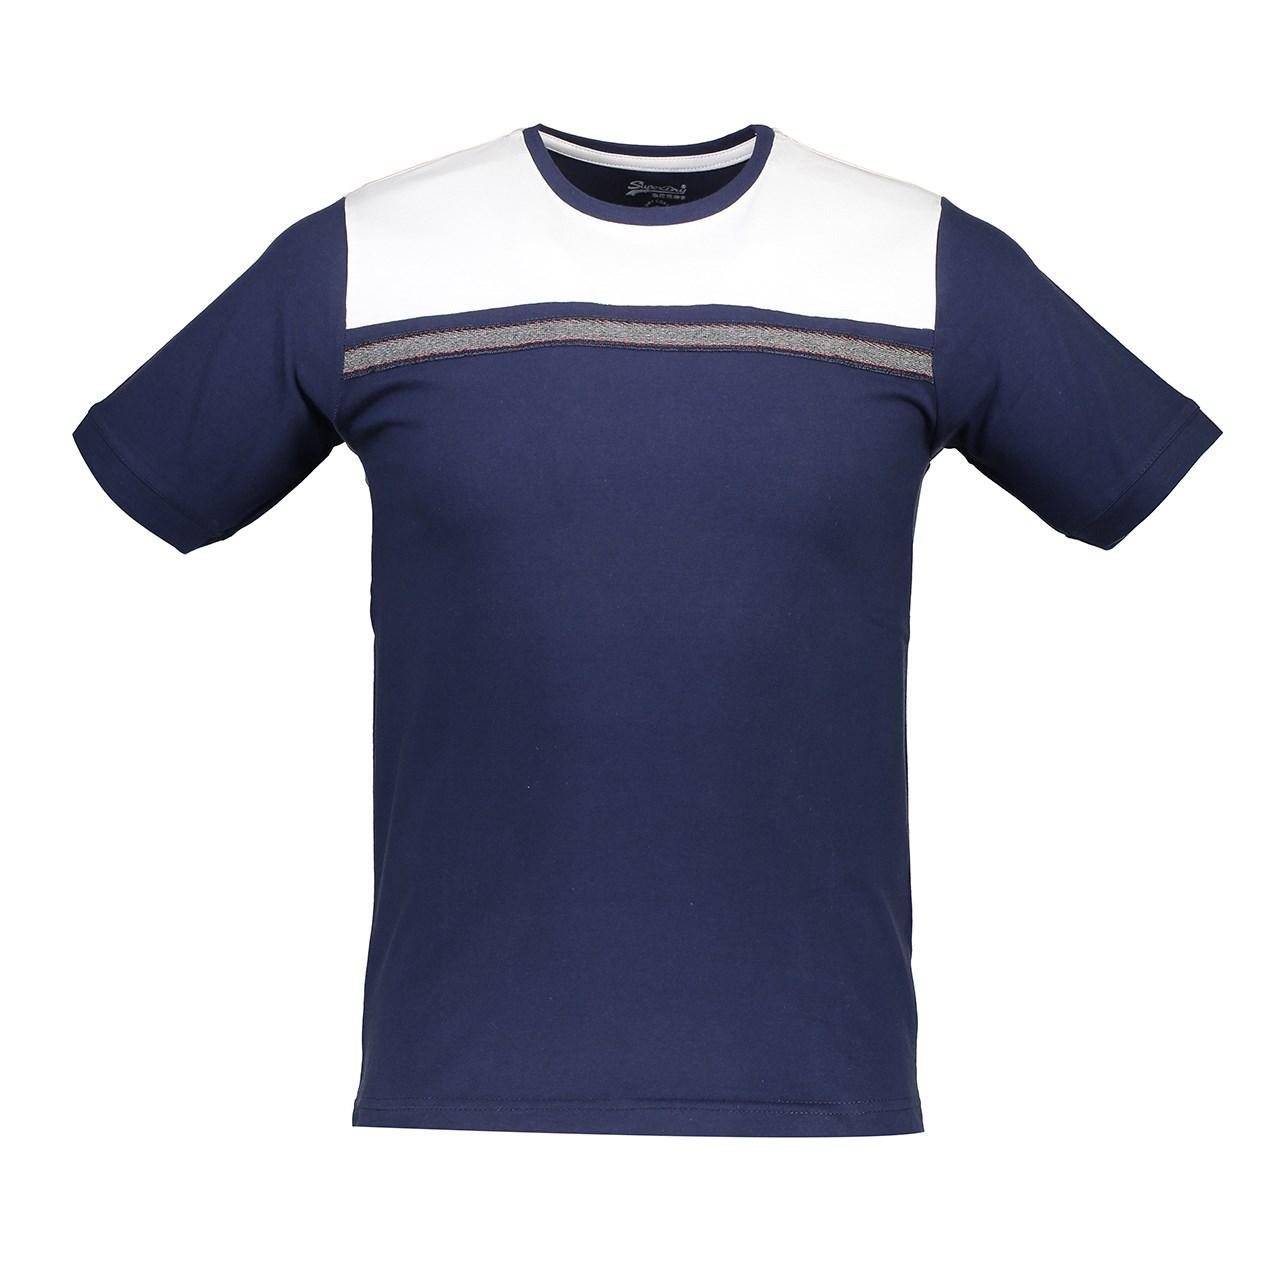 تی شرت آستین کوتاه مردانه آترین مدل BlueWhite